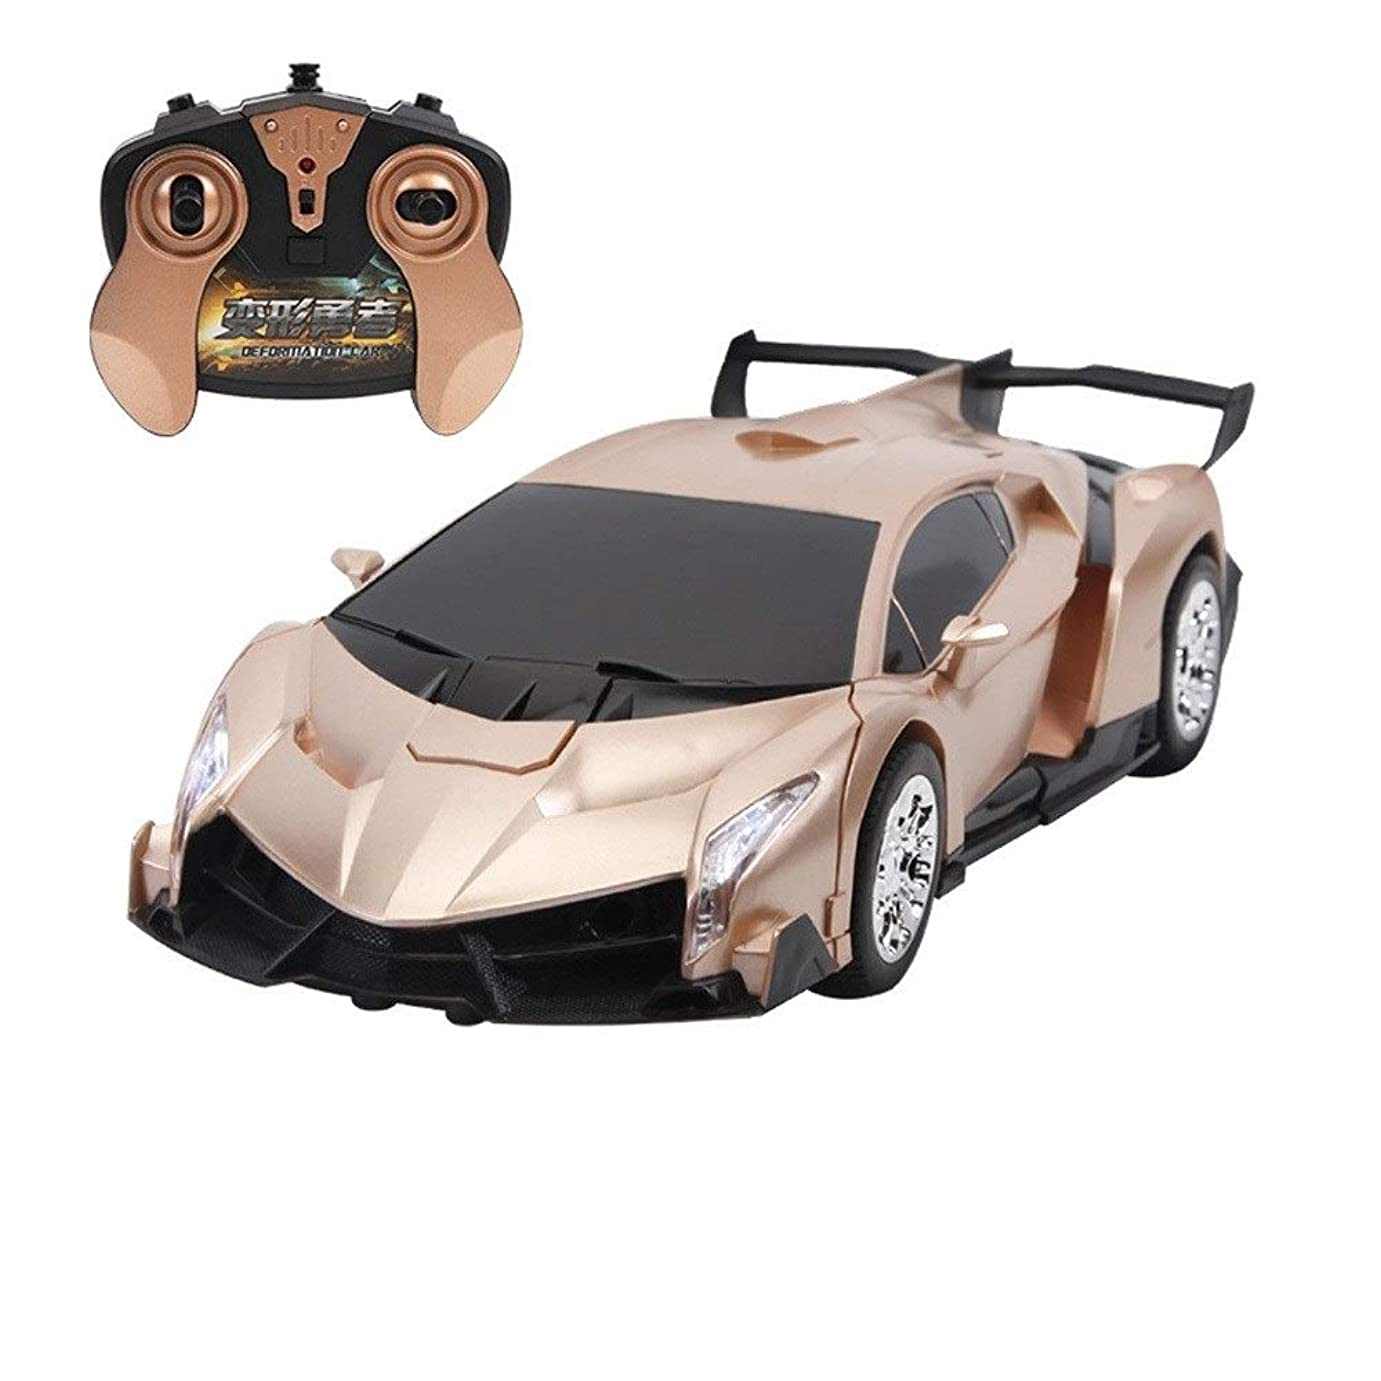 構造的酸化する恐れRCOO 12歳の少女の男の子のゲームやおもちゃのためのクリスマスのための一つの重要な変形リモコンカー変形ロボット車両子供のRC車の午前1時18分2.4GHzの電気おもちゃの自動車パーフェクトなギフト